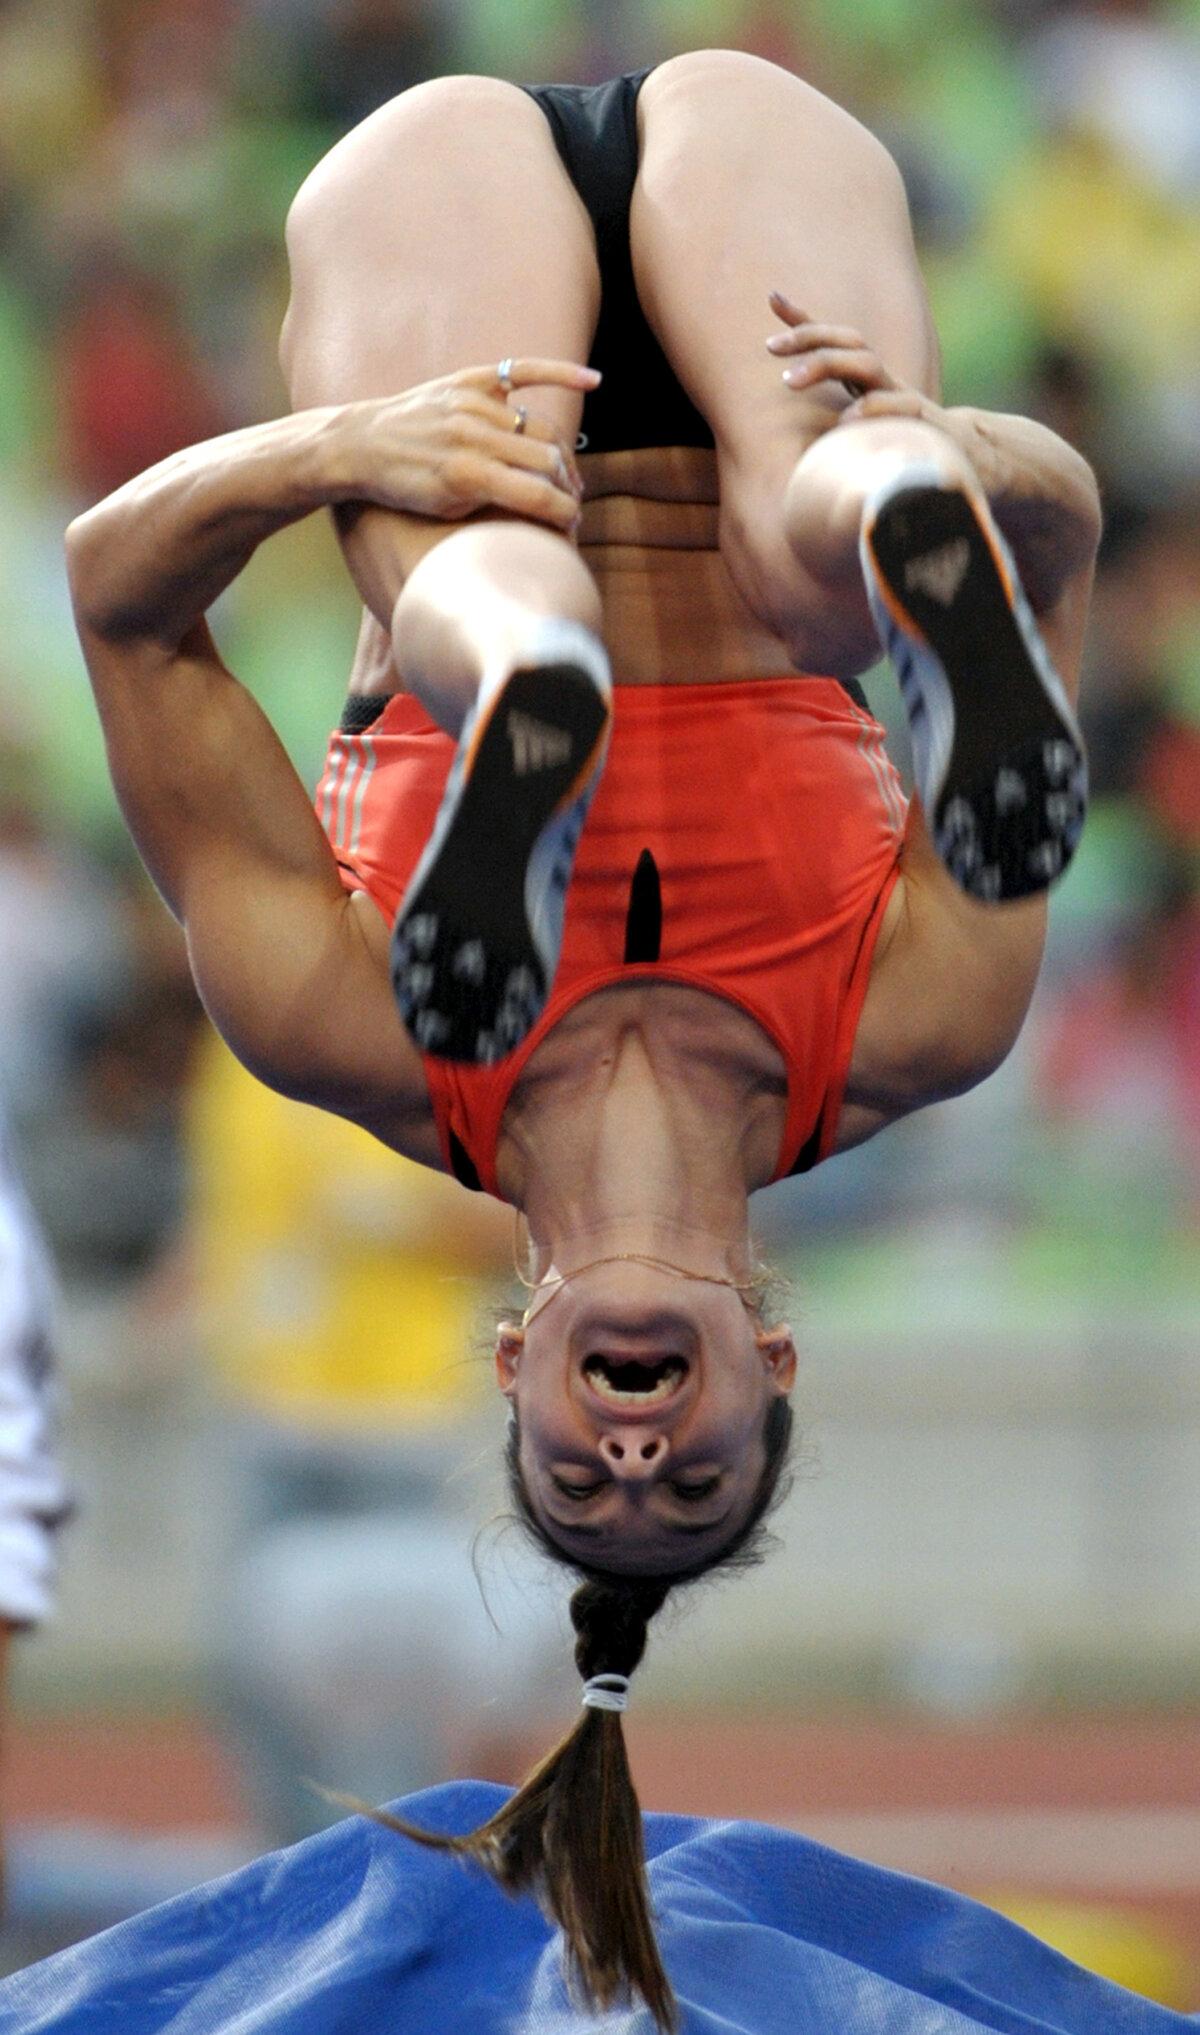 смотреть приколы с спортсменками фото необходимости